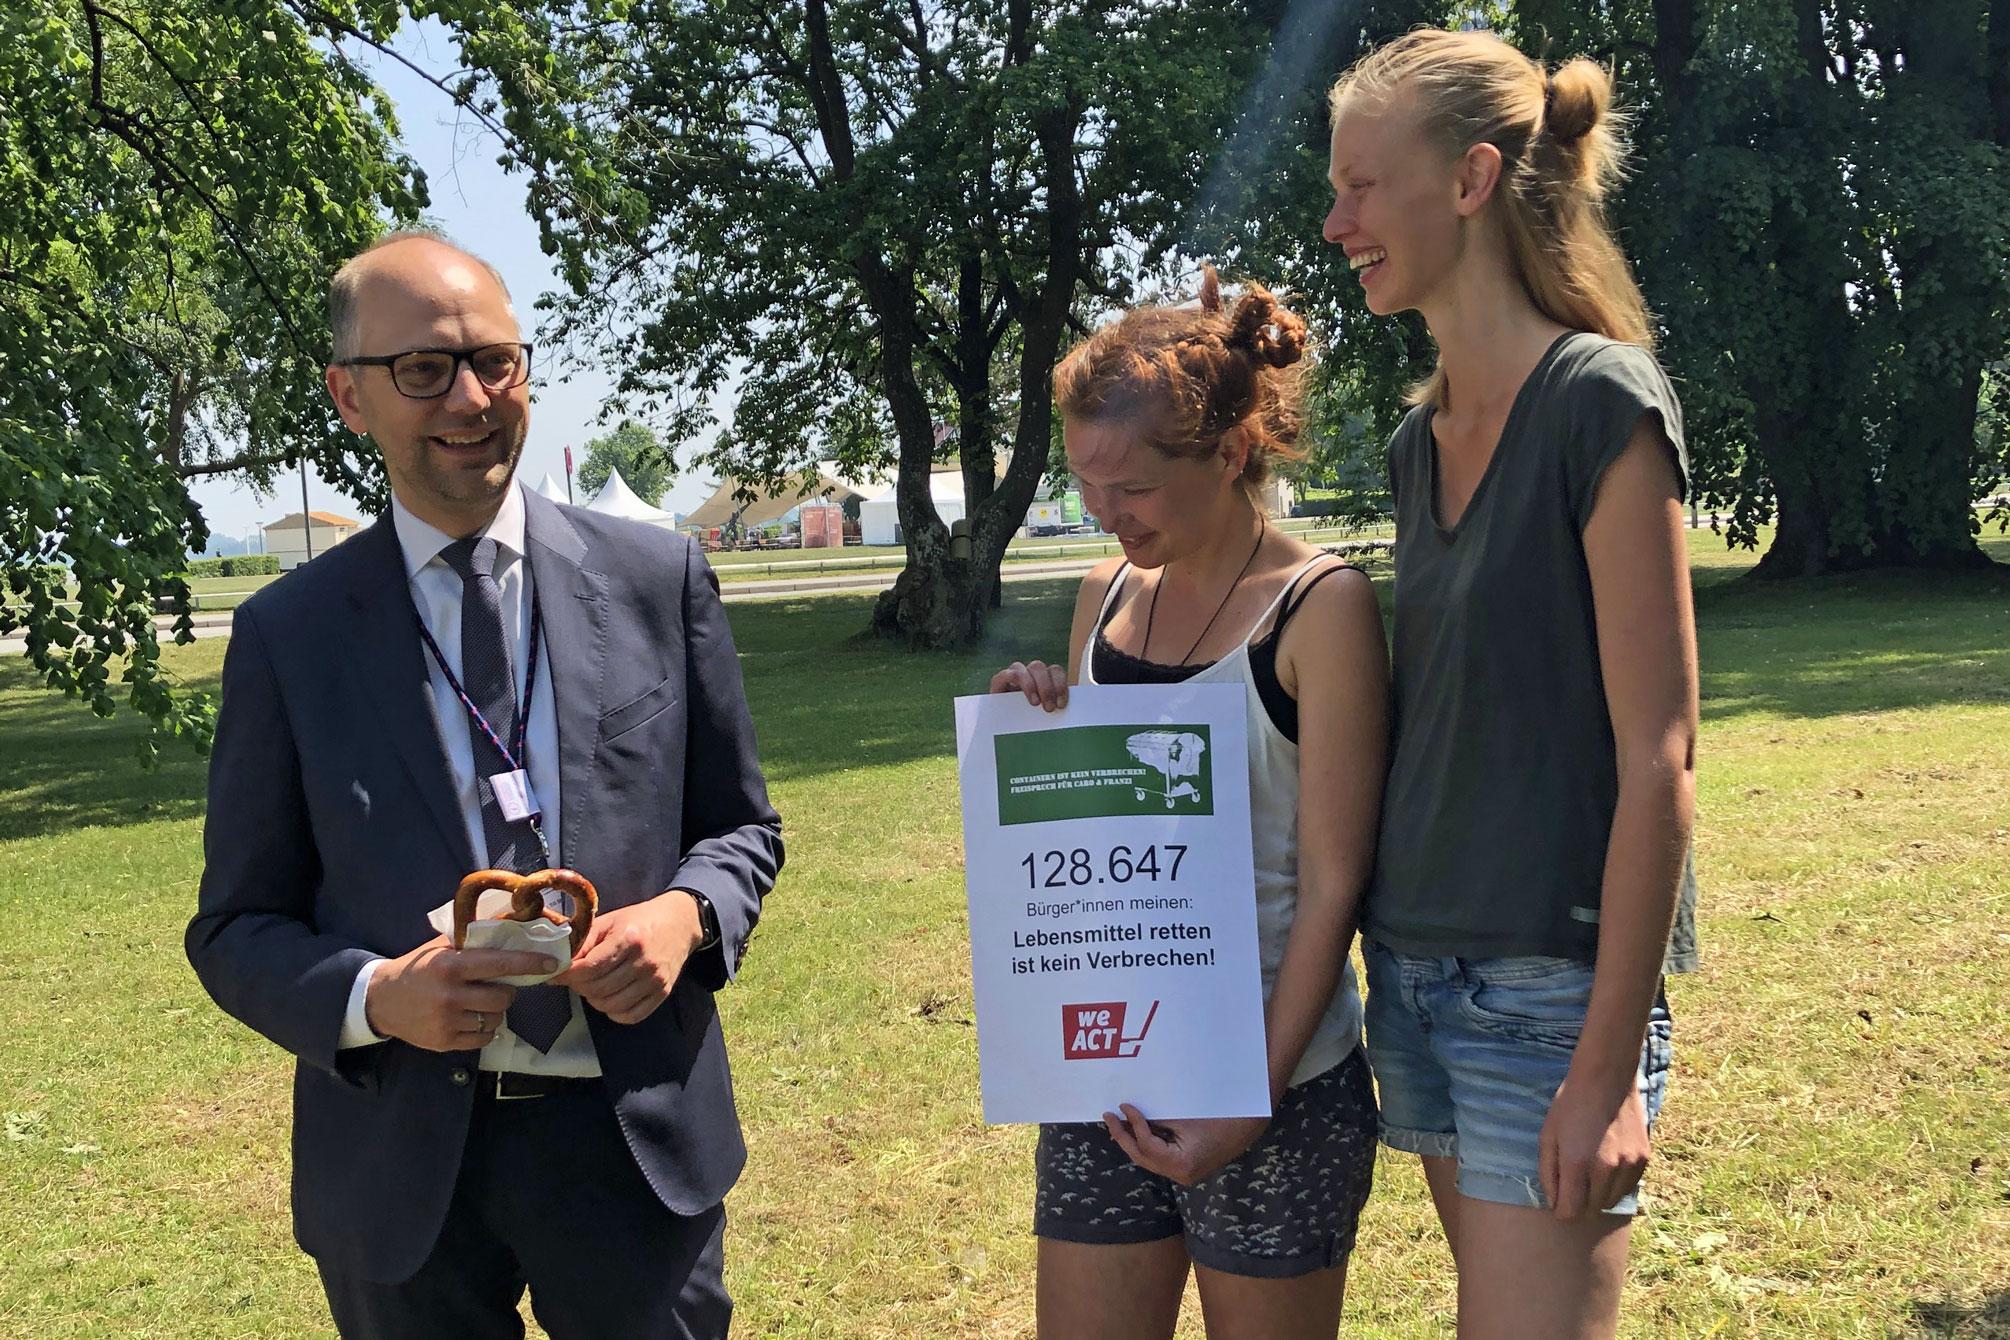 Caro und Franzi haben fast 130.000 Unterschriften für die Entkriminalisierung des Containerns gesammelt.